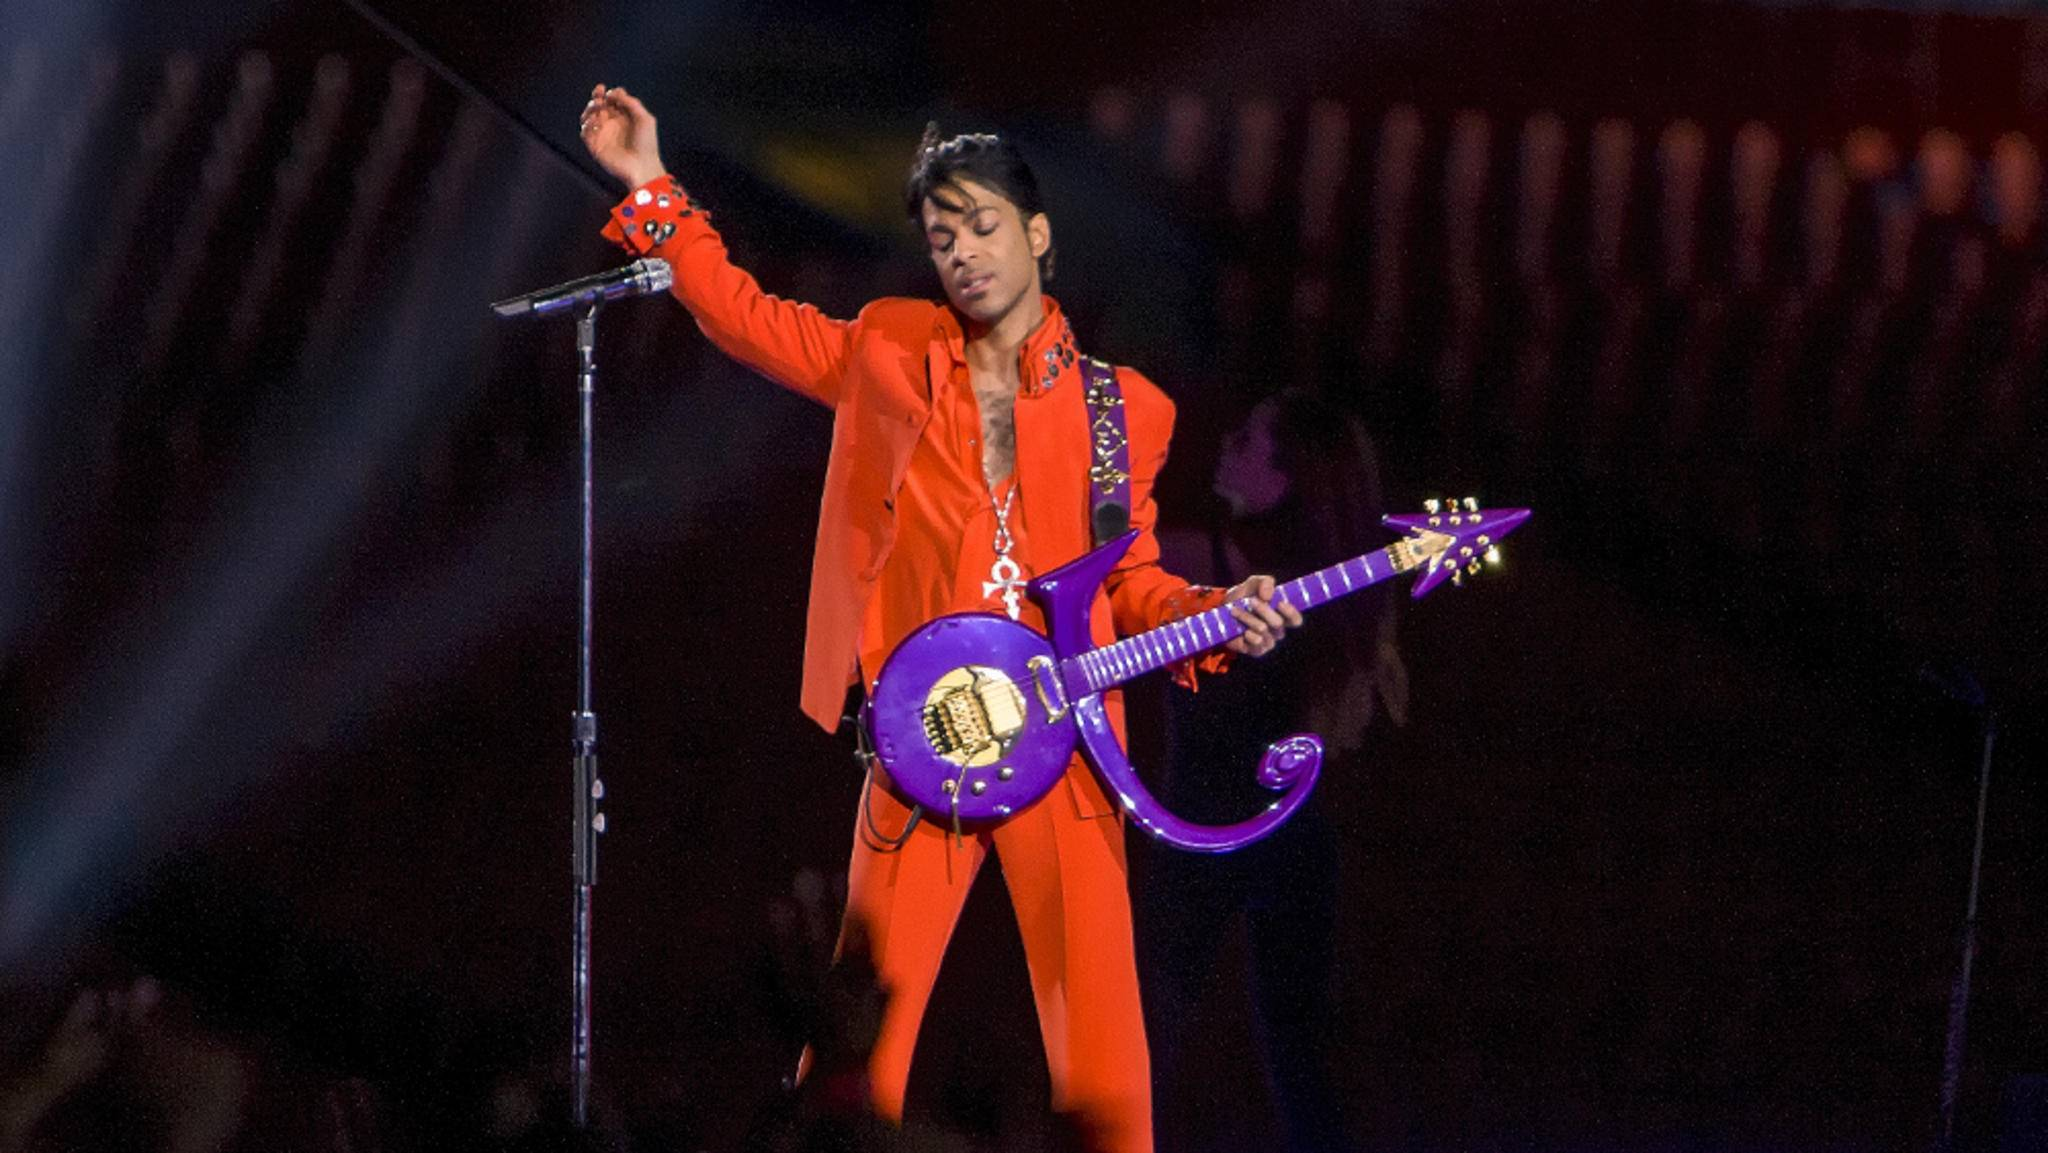 Ein Jahr nach dem Tod von Prince gibt es neue Musik von der Rock-Legende.